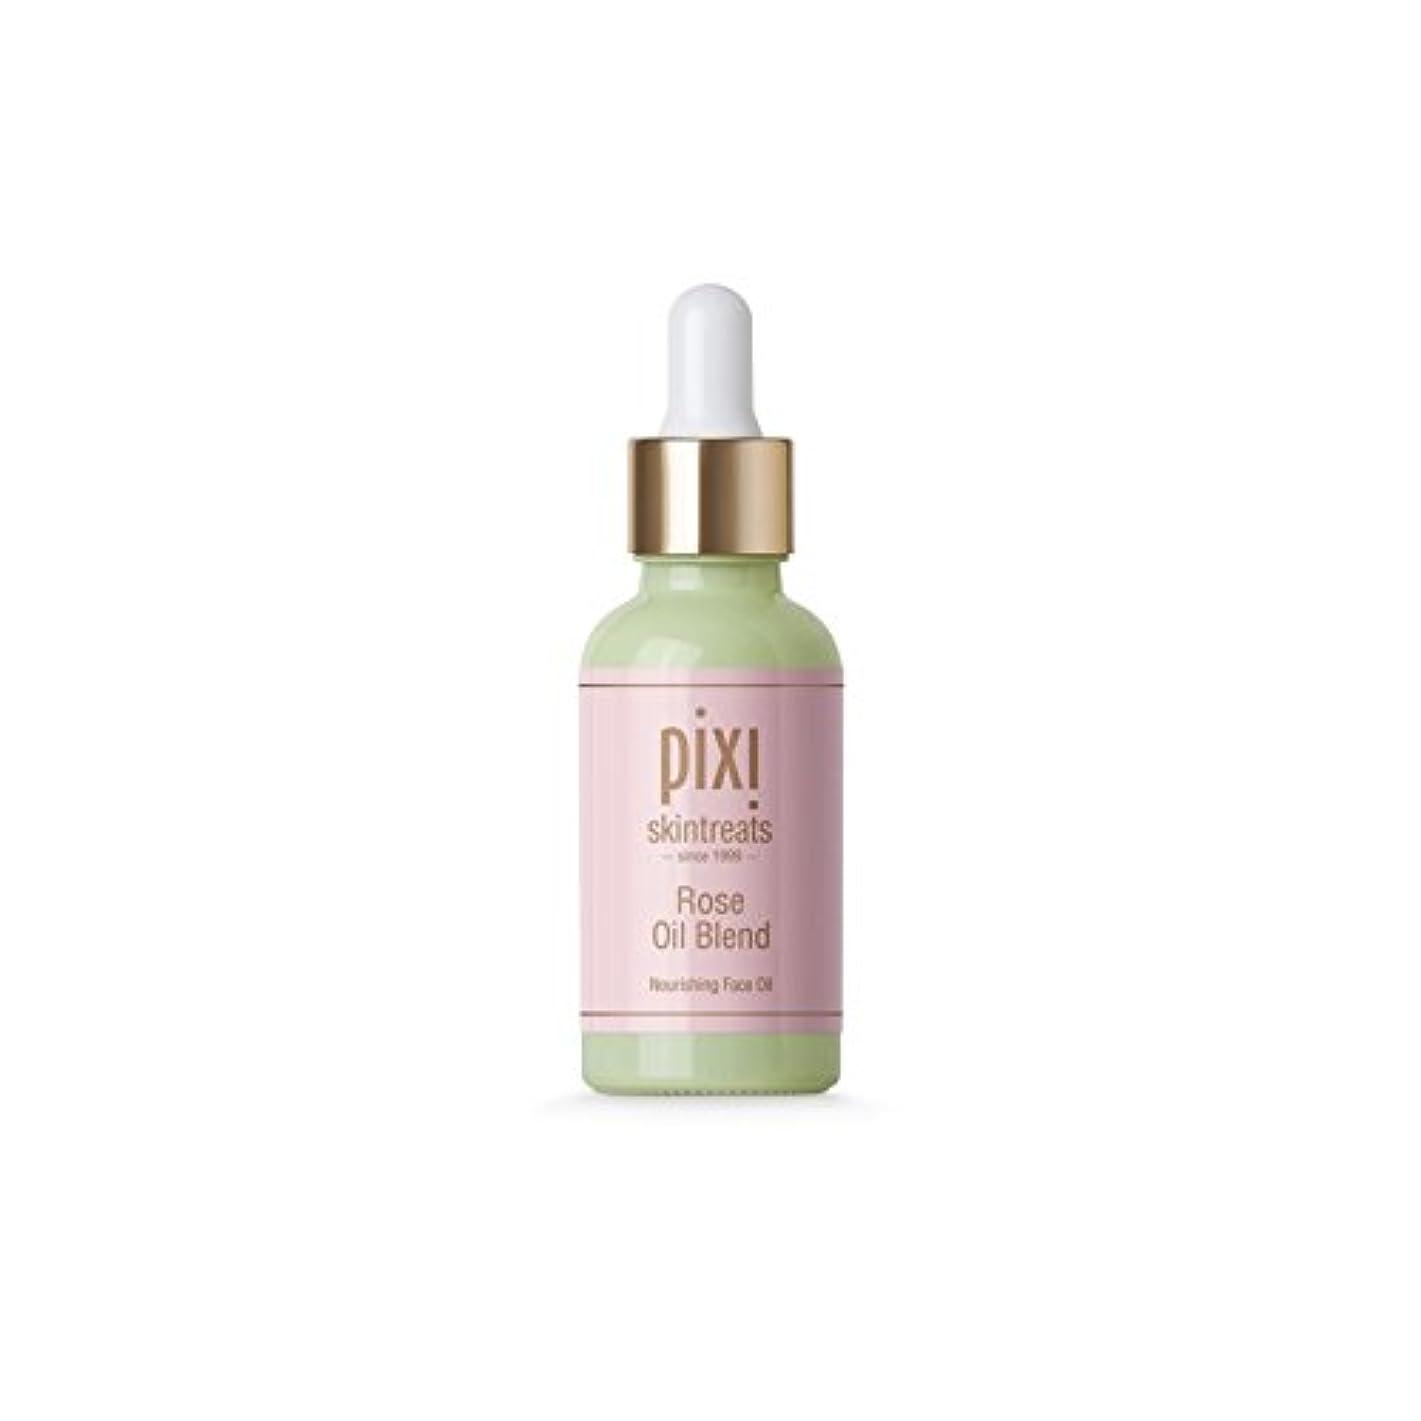 混乱体現する綺麗なは、油ブレンドをバラ x4 - Pixi Rose Oil Blend (Pack of 4) [並行輸入品]